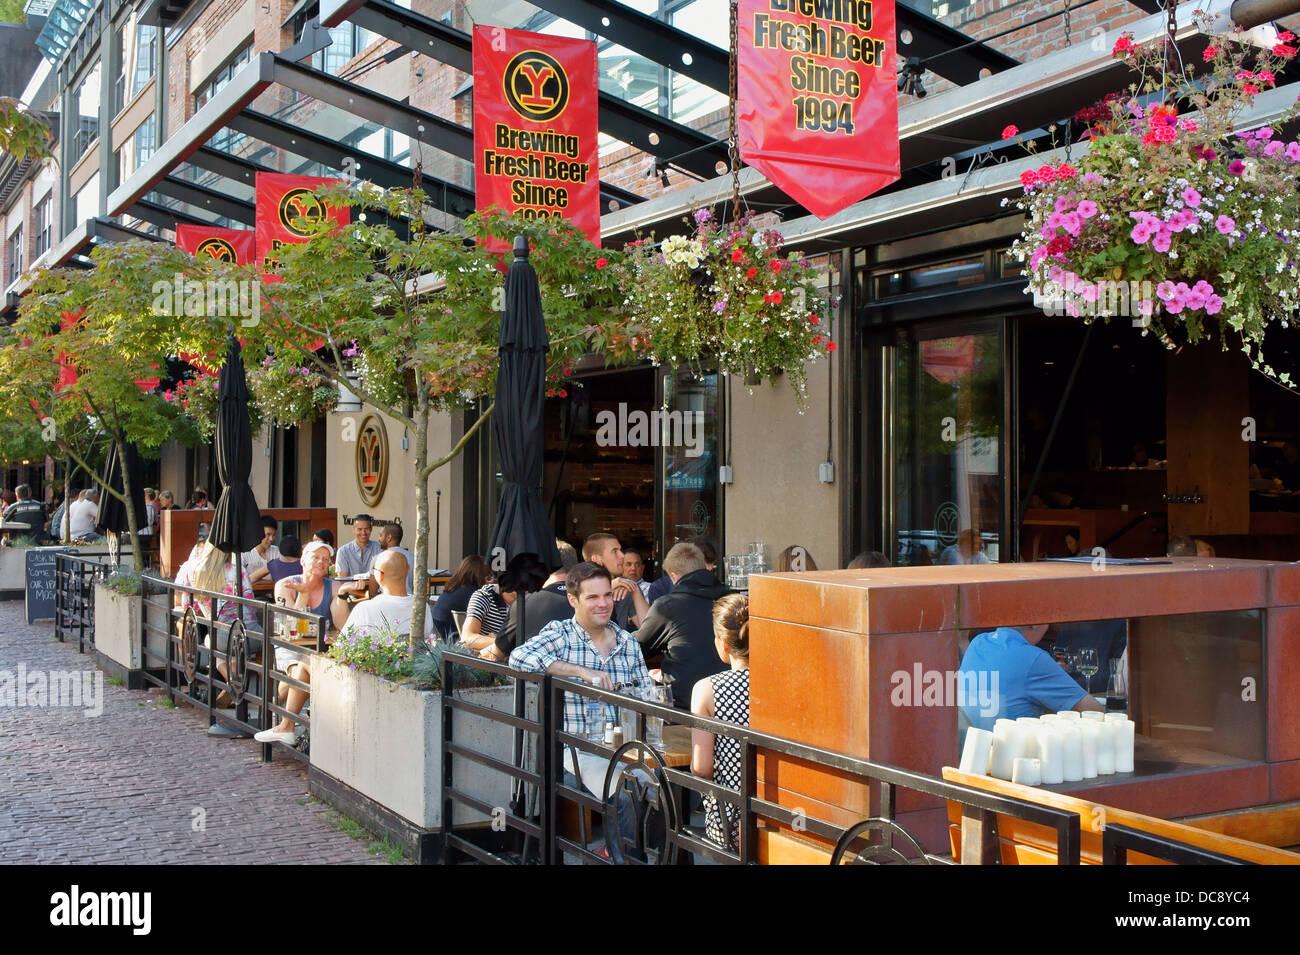 Personas cenando en el patio exterior de la Yaletown Brewing Company restaurante en Yaletown, Vancouver, British Imagen De Stock